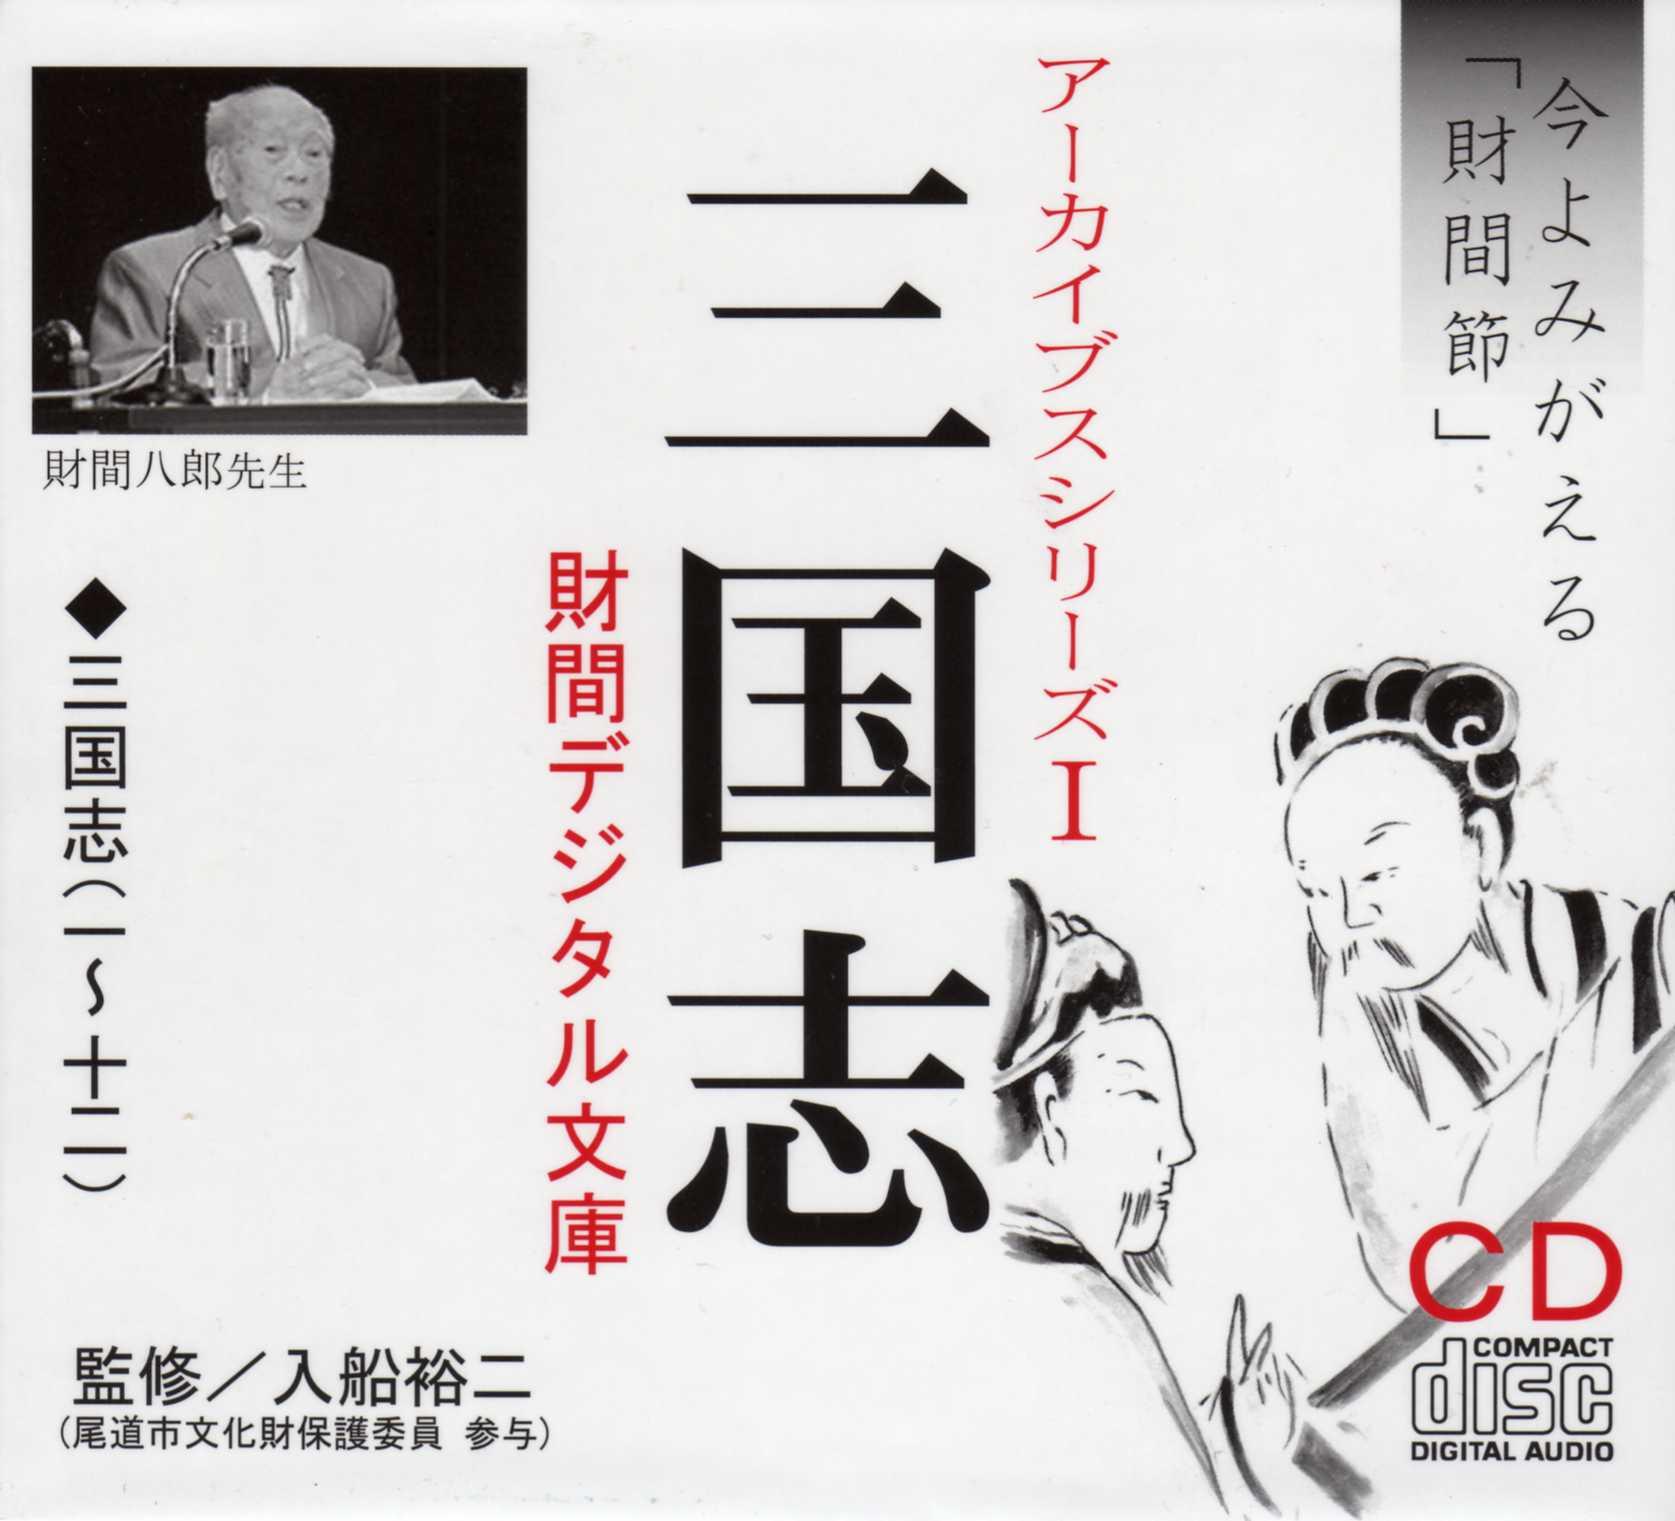 財間八郎先生の語る「三国志」_b0103889_22194412.jpg